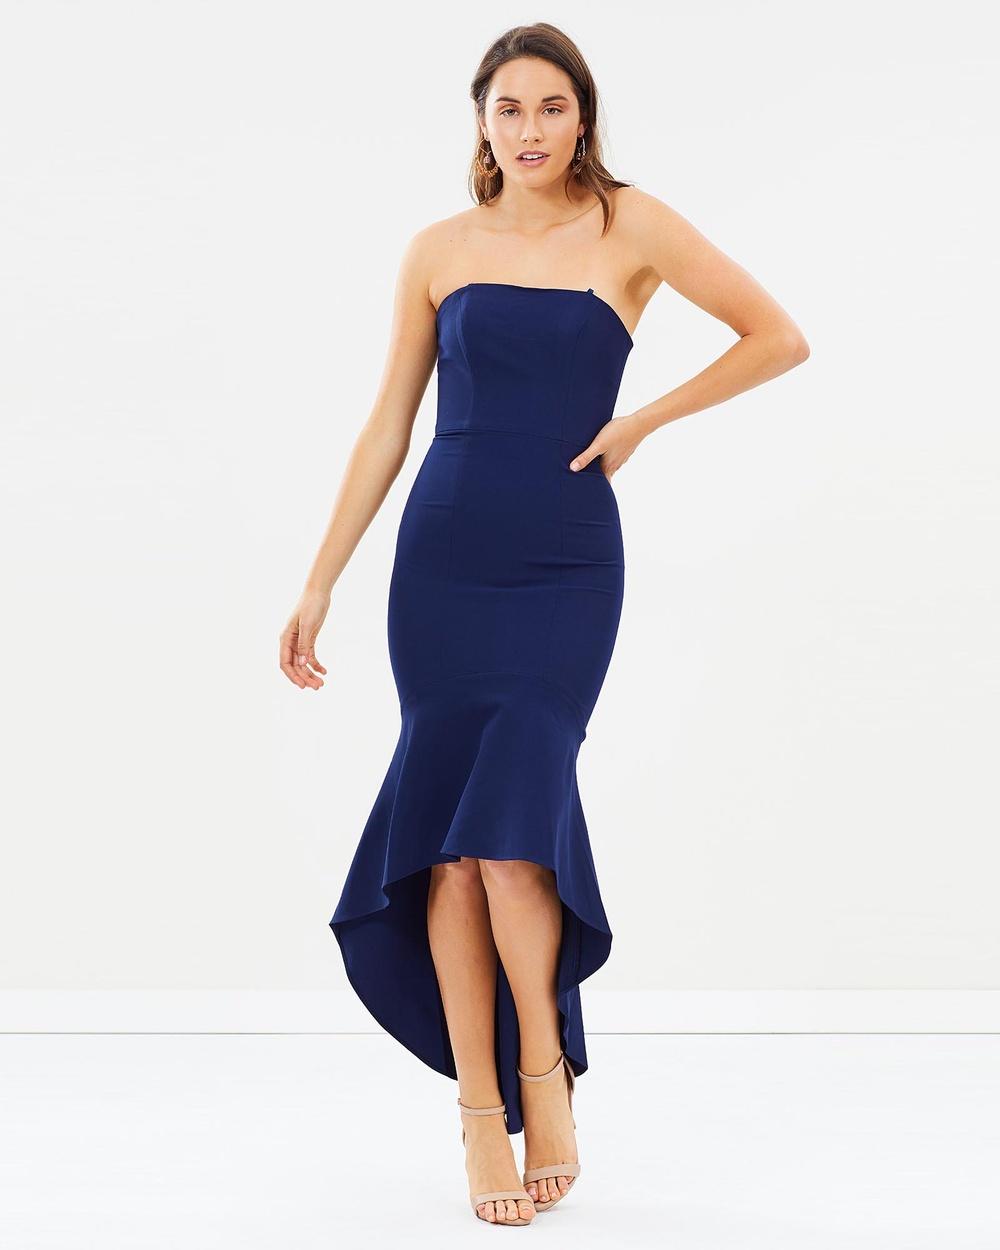 Lumier Ren Strapless Trumpet Maxi Dress Dresses Navy Ren Strapless Trumpet Maxi Dress